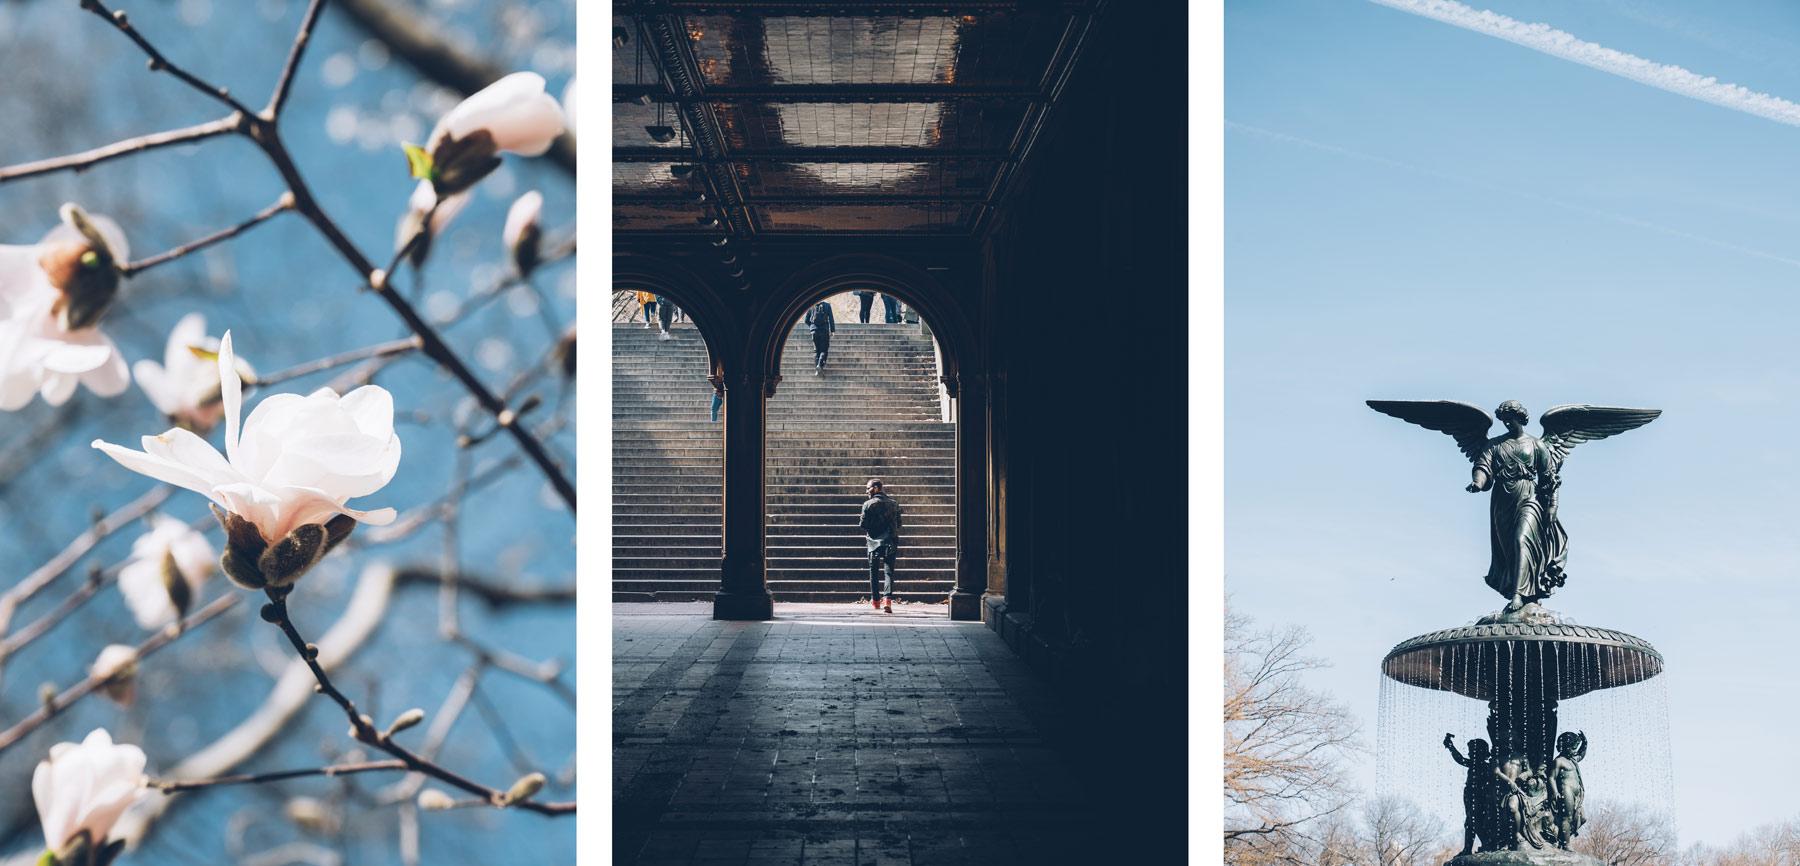 Visite insolite de Central Park avec New York en francais